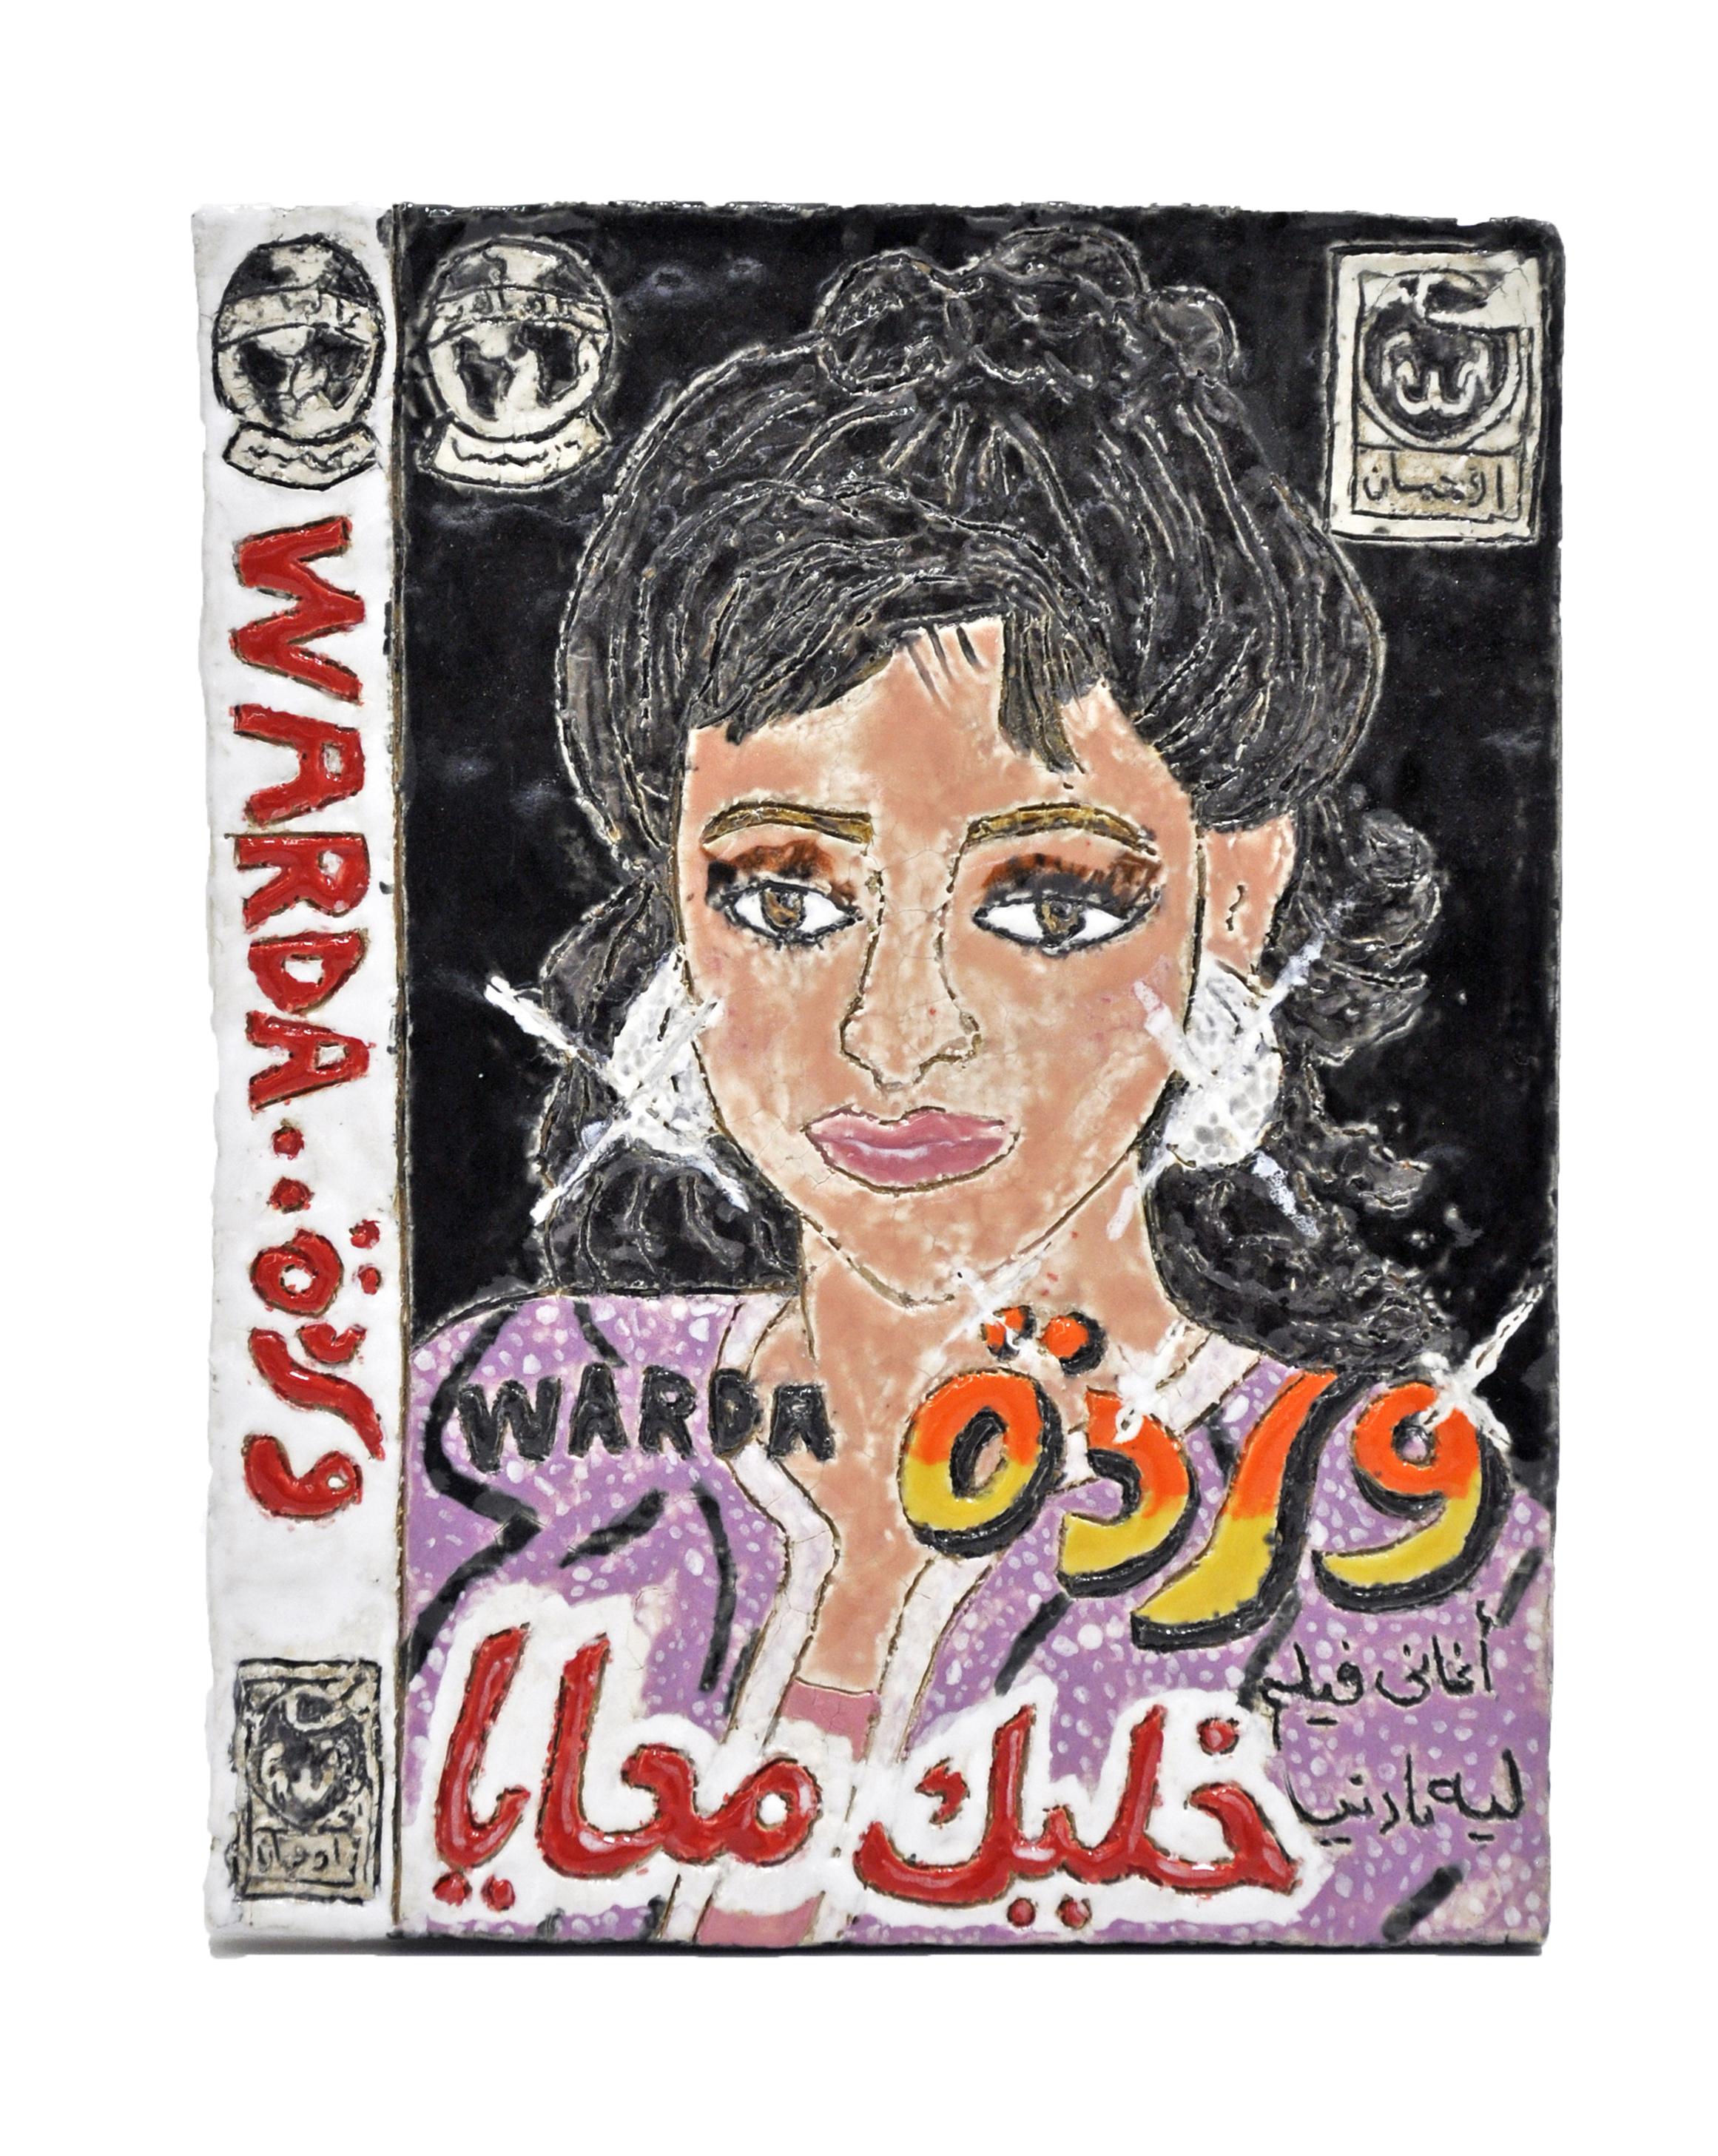 """Maryam Yousif, """"Warda Tape"""", glazed stoneware, 8.5 x 1 x 10.5 in, 2019, $1000"""